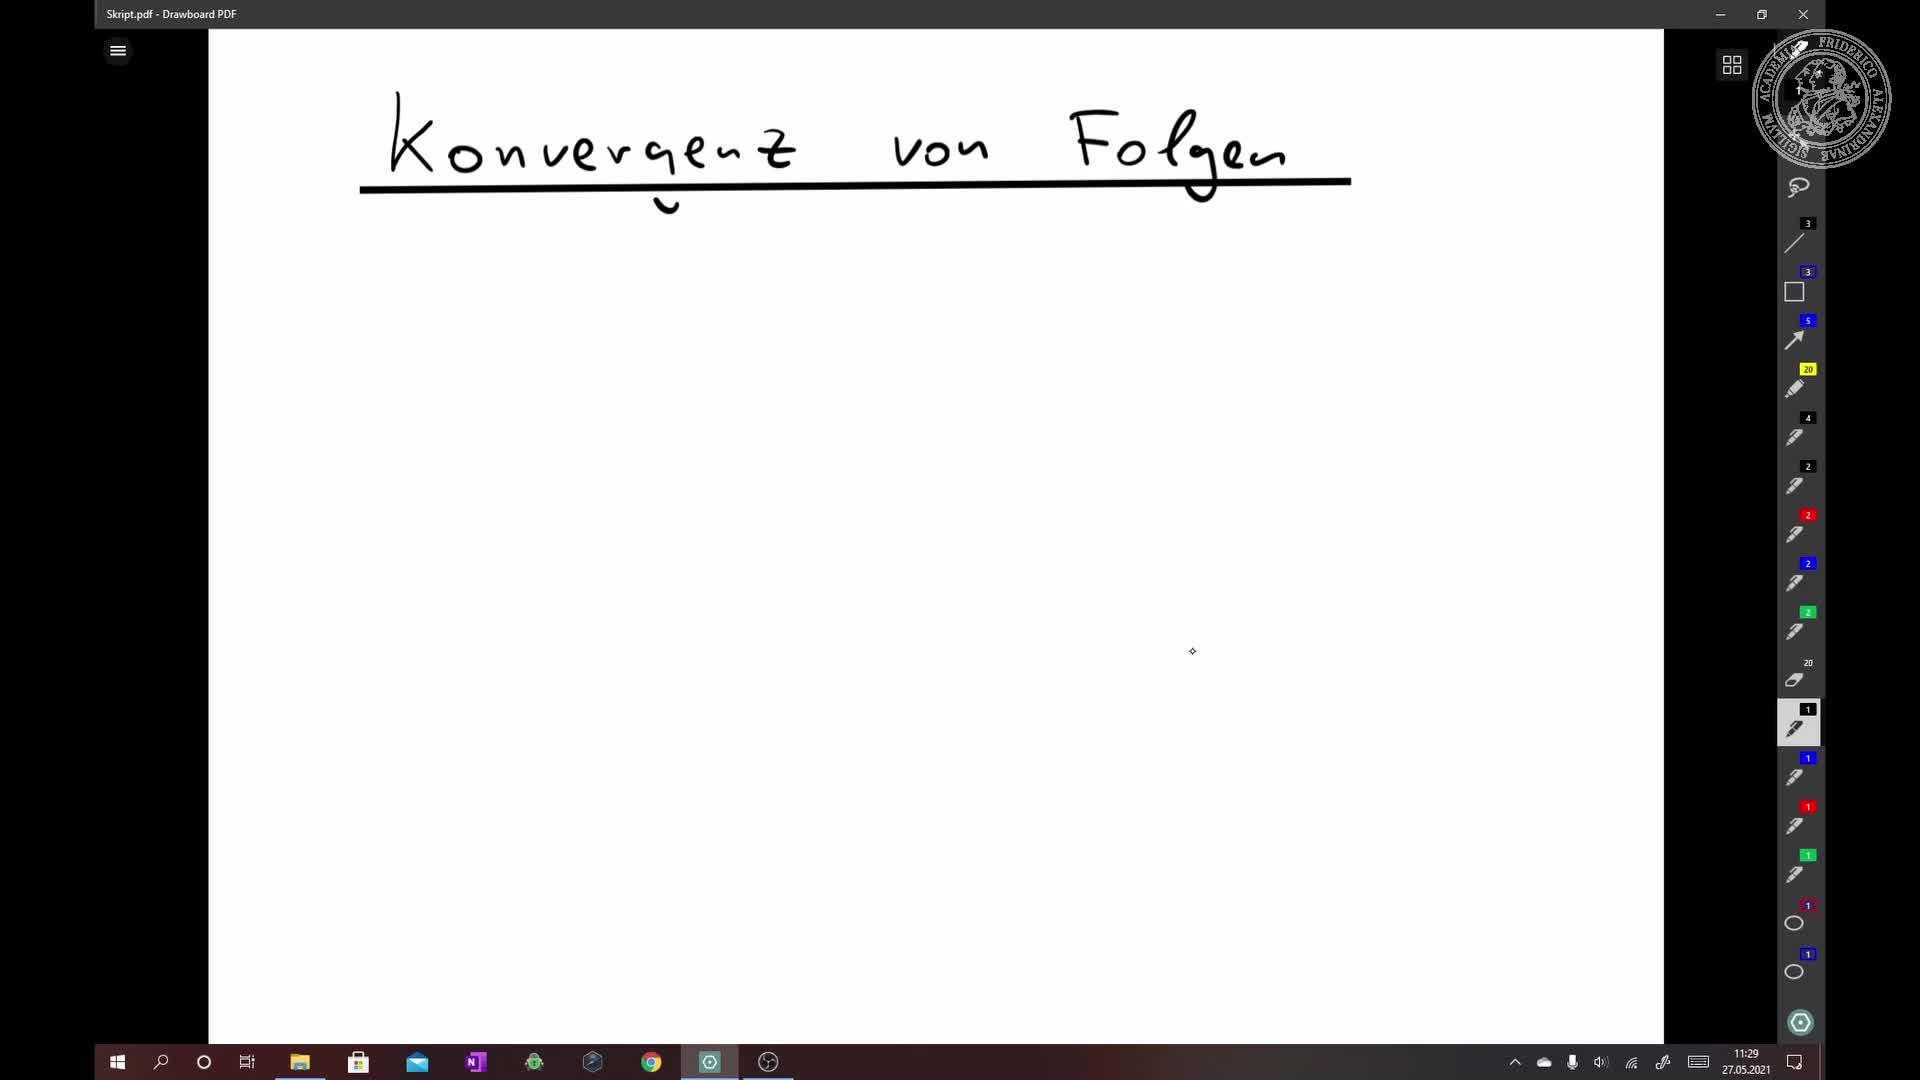 Konvergenz von Folgen preview image